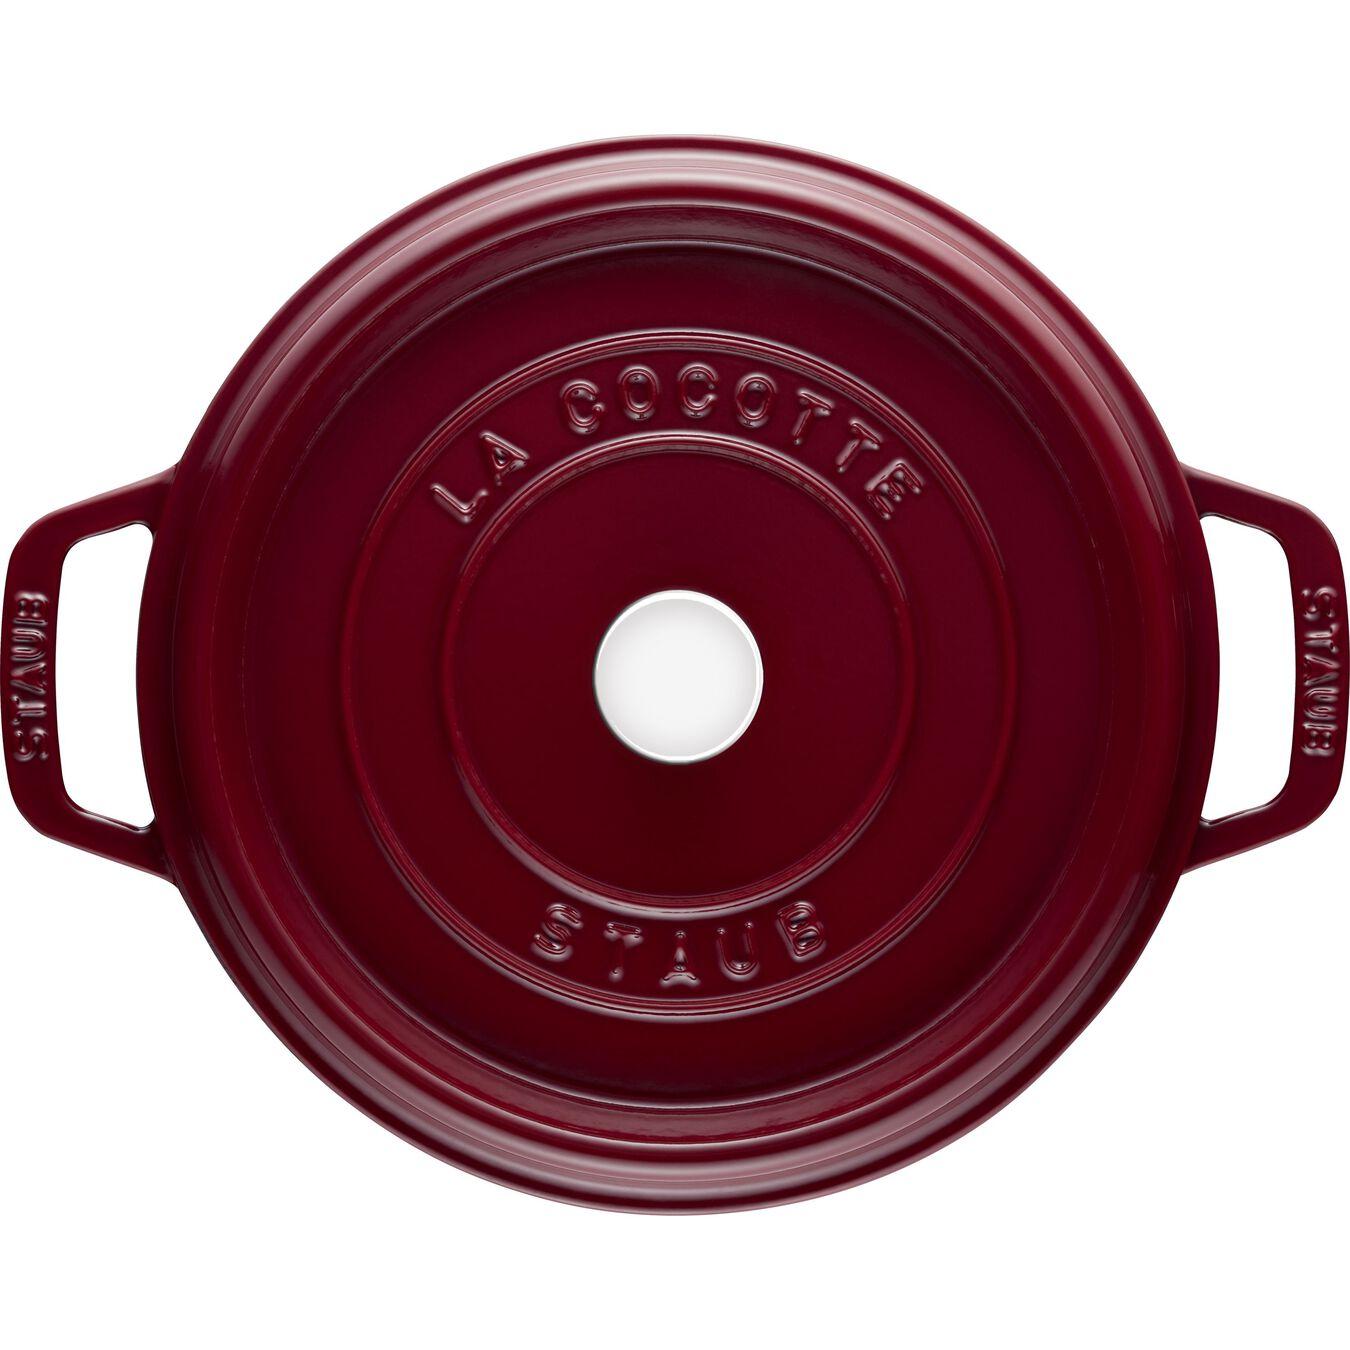 Cocotte 24 cm, rund, Bordeaux, Gusseisen,,large 3